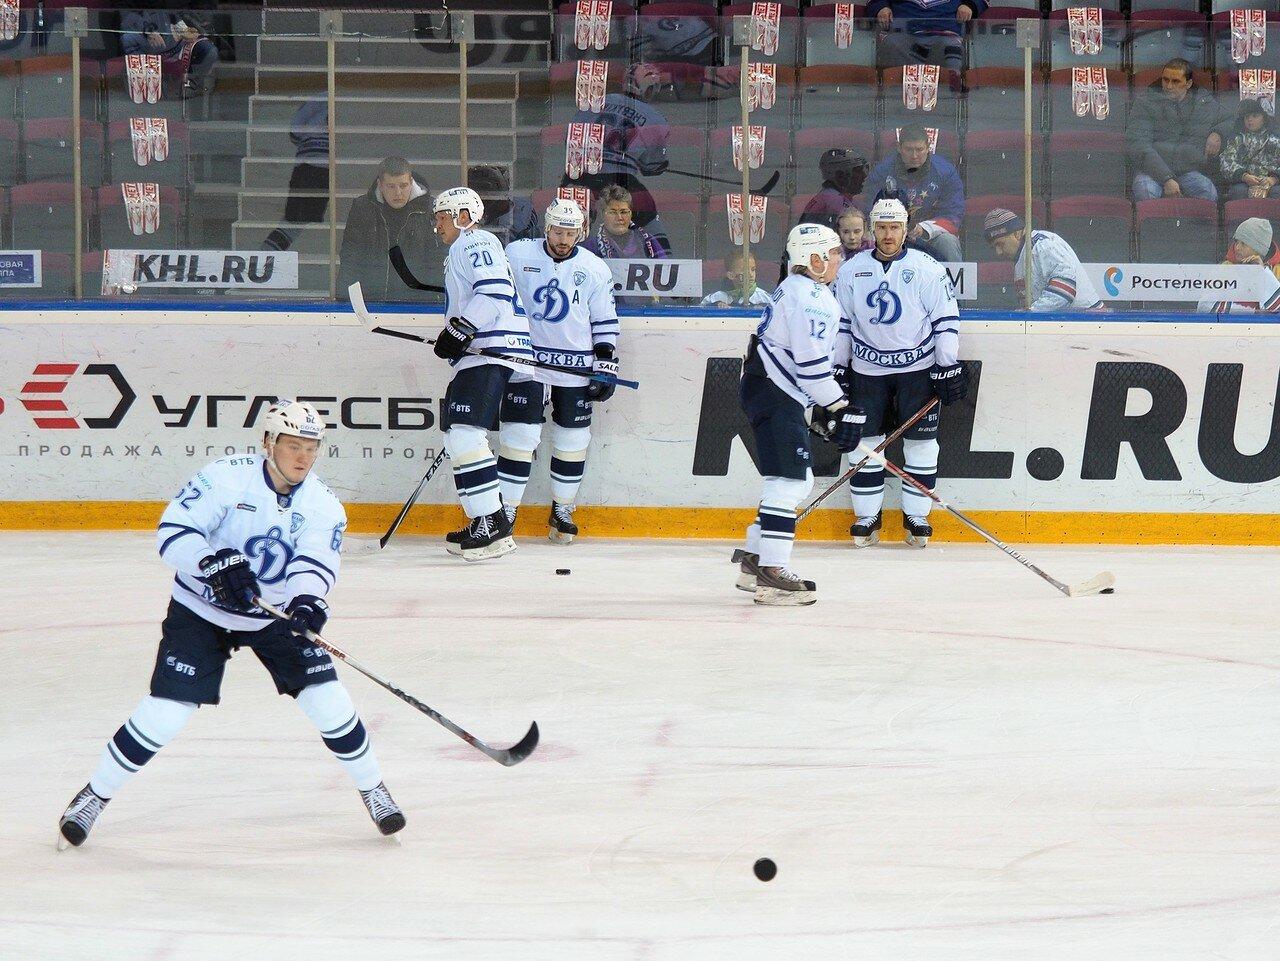 47Металлург - Динамо Москва 21.11.2016